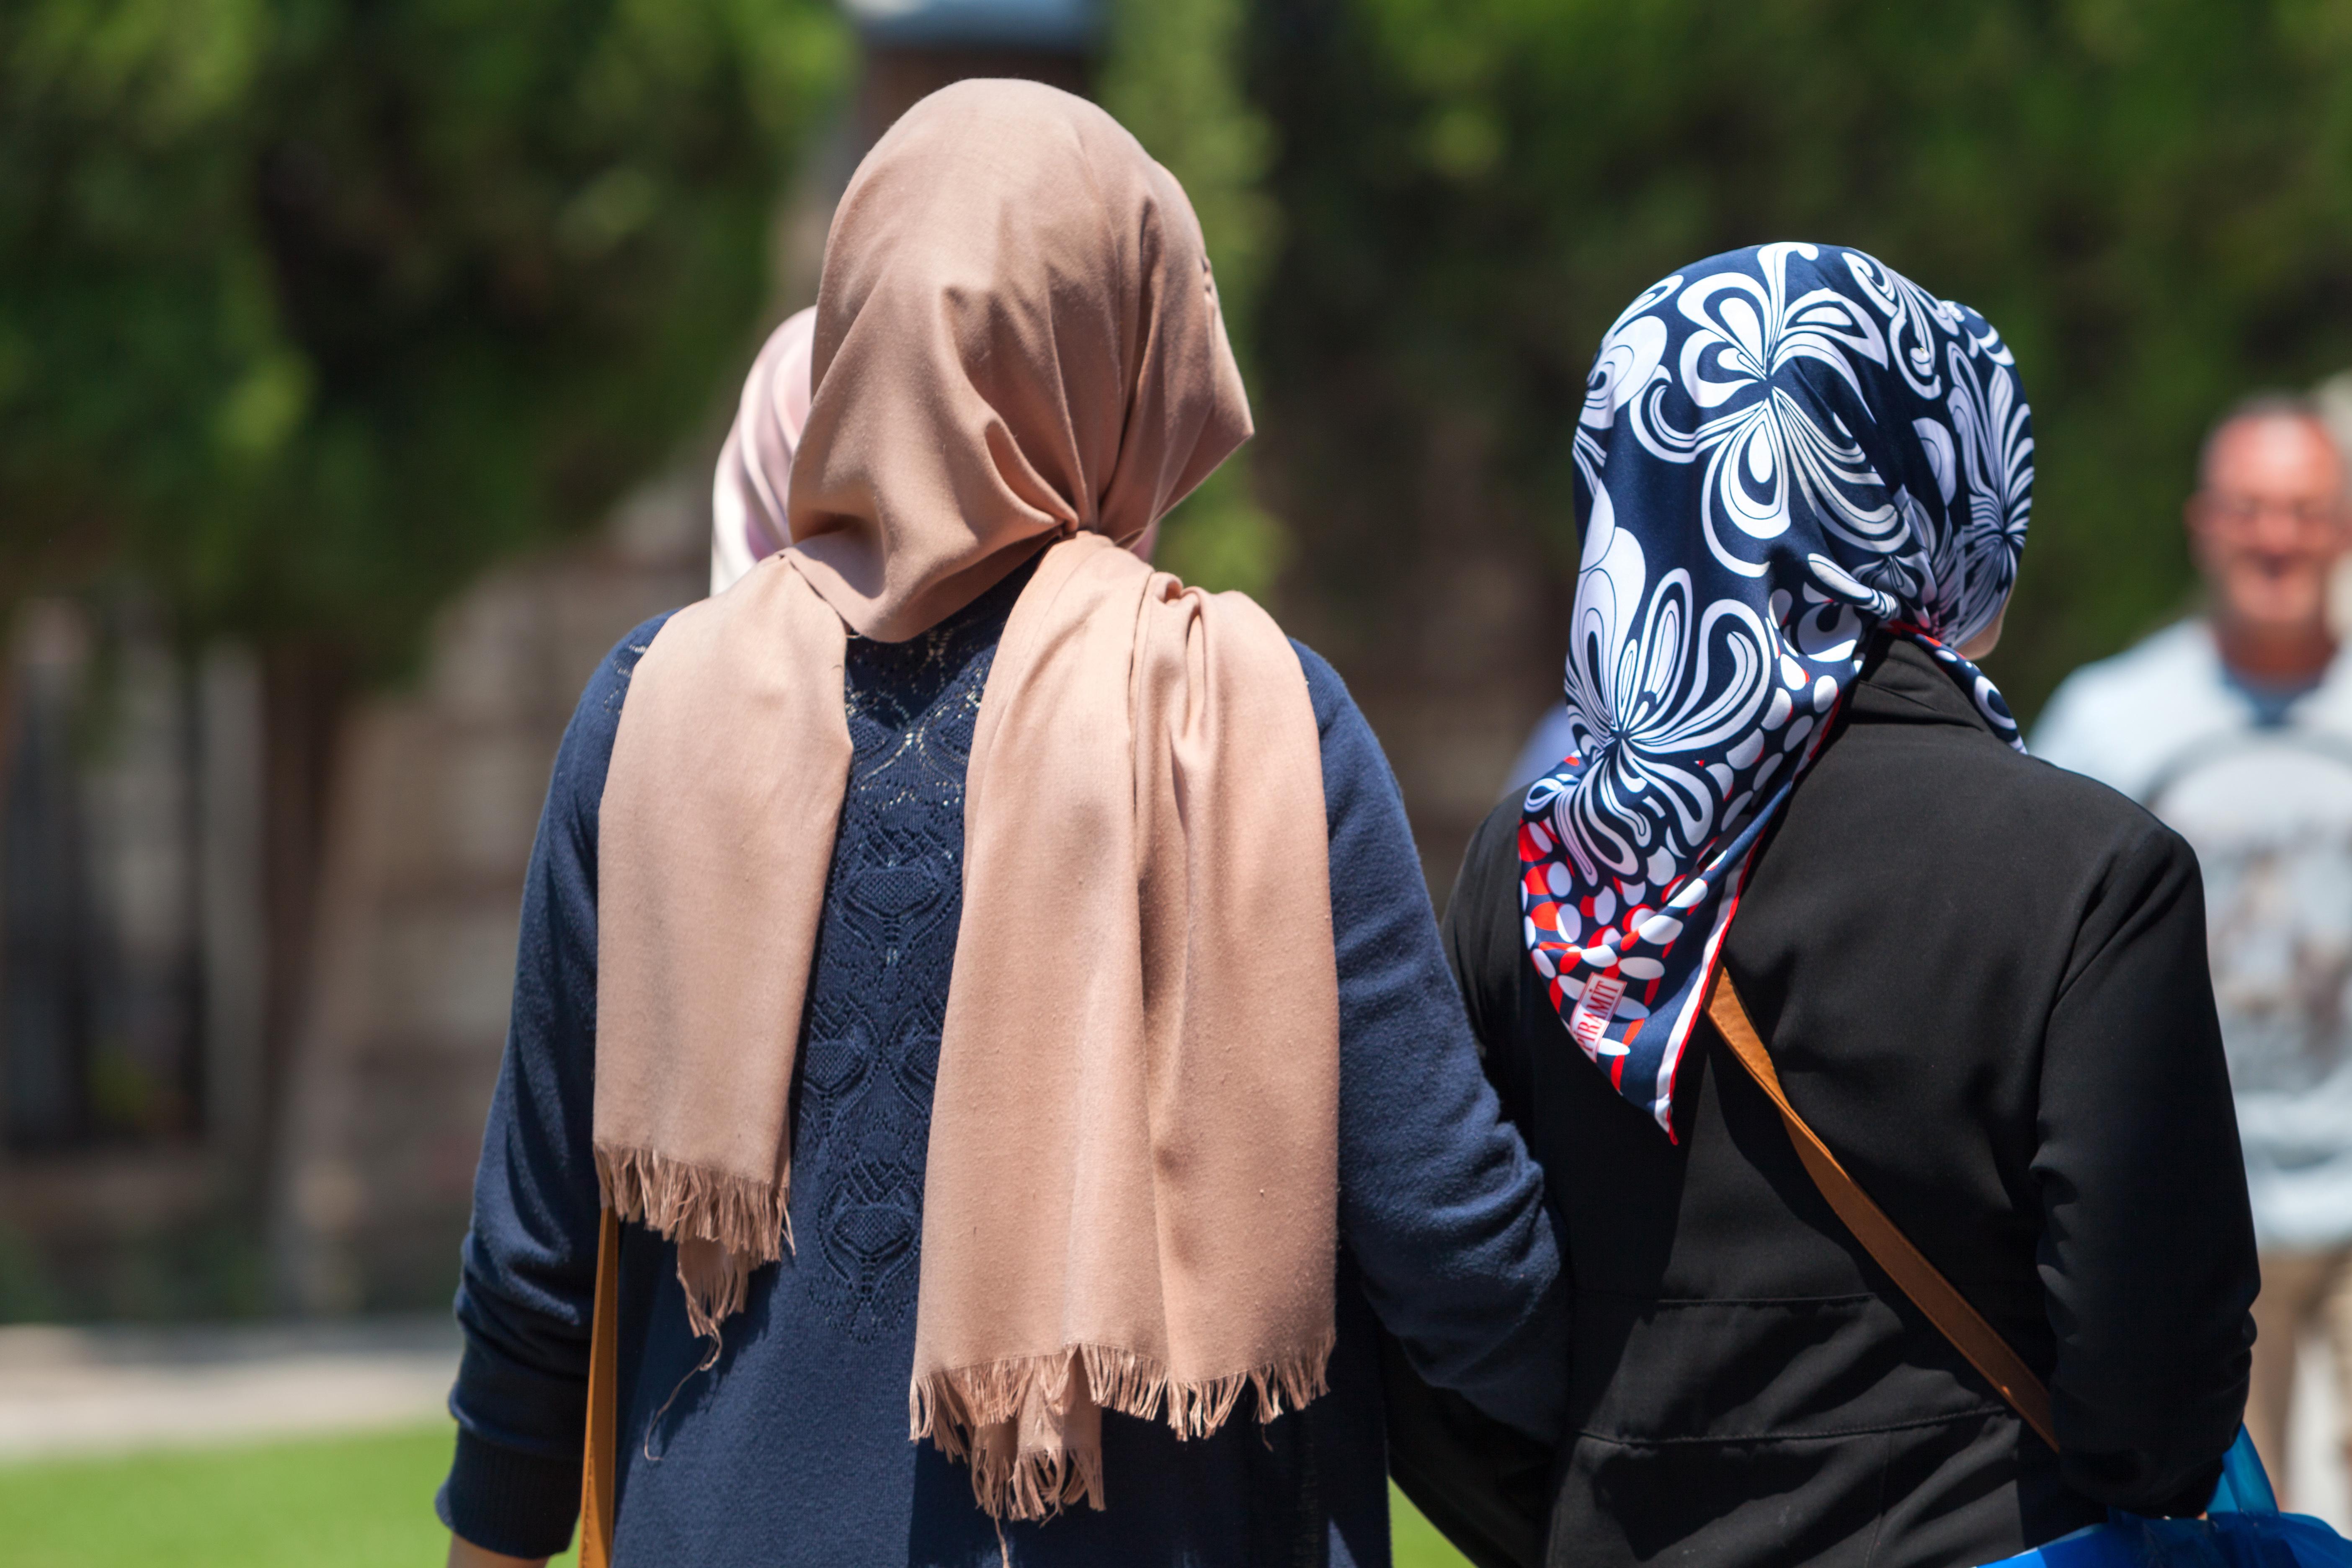 Kvinnor med låg utbildning, svag ekonomi eller av utländsk härkomst utgör majoriteten av de som aldrig kommer på de allmänna undersökningarna.